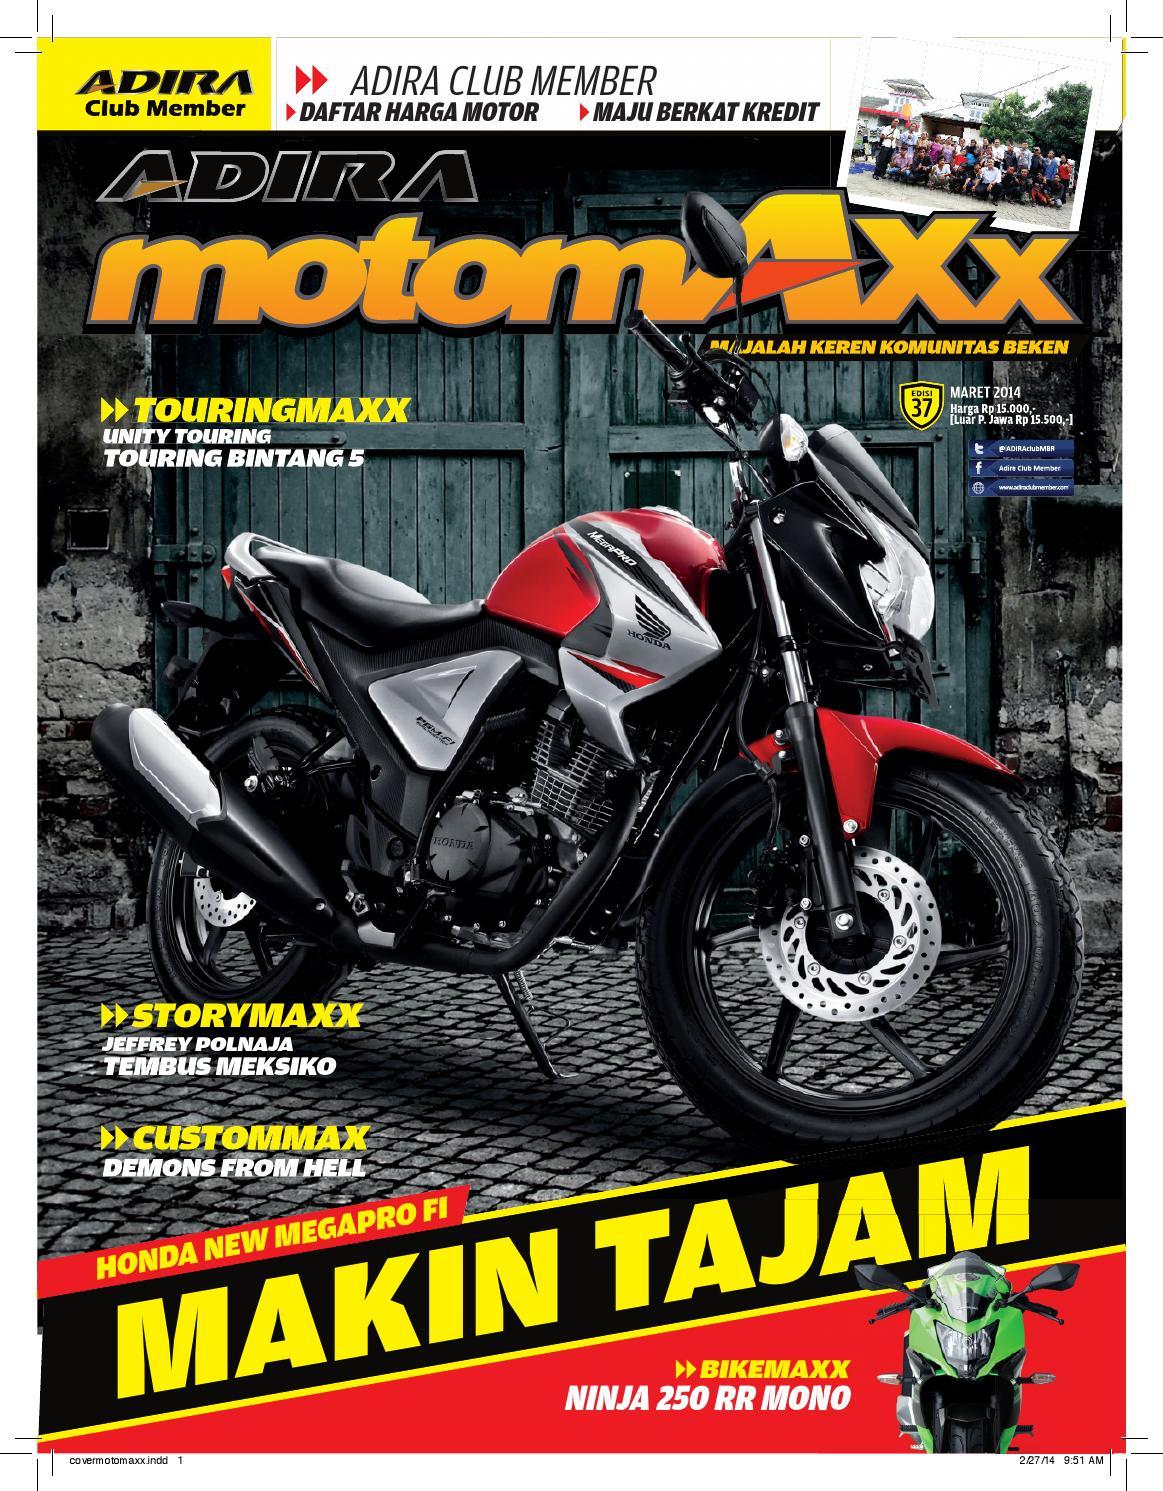 Motomaxx 03 2014 by adira member issuu